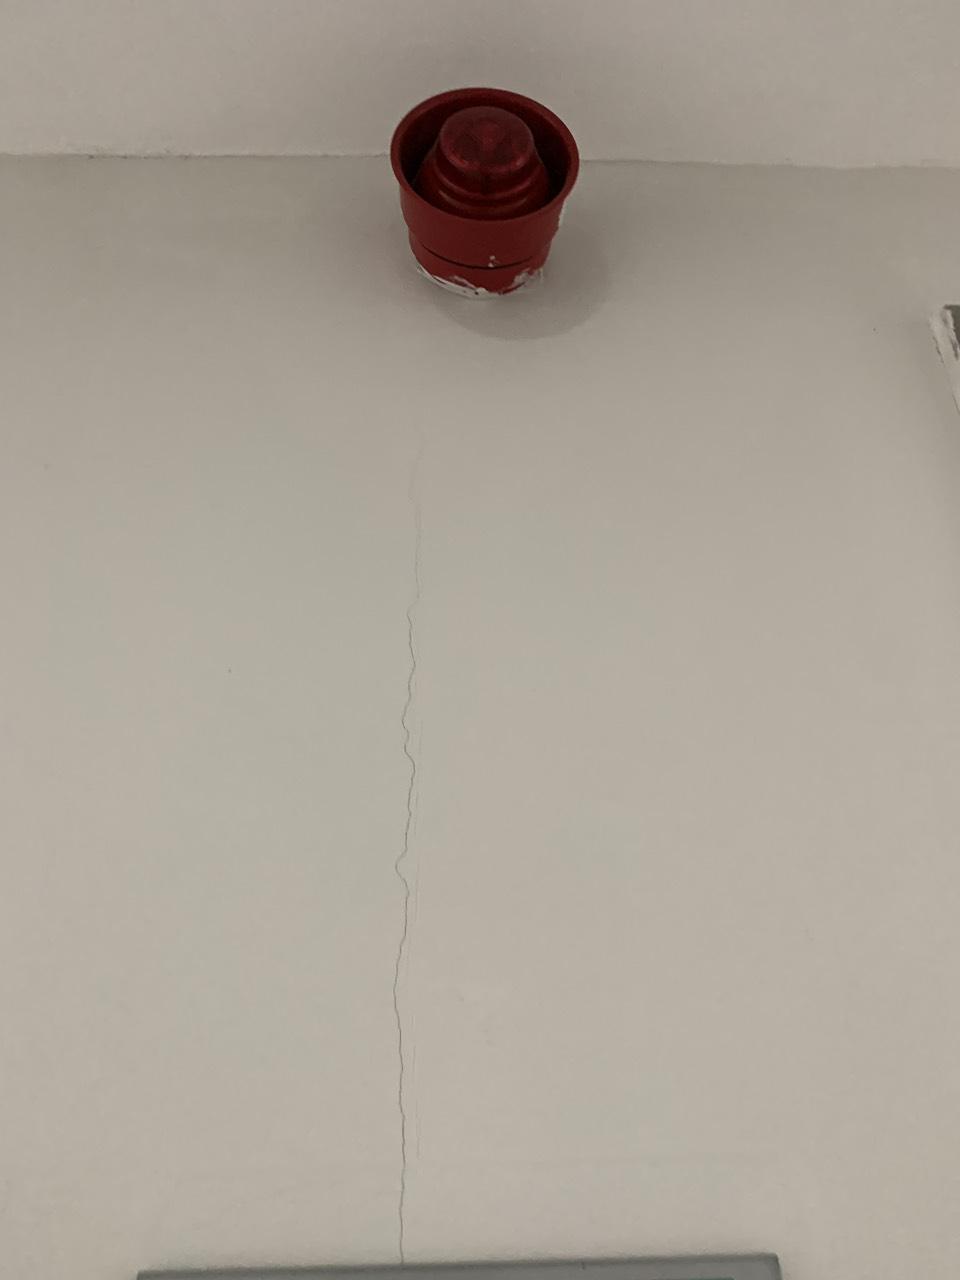 Nứt khe nối tấm tường acotec. Ảnh tháng 4/2021